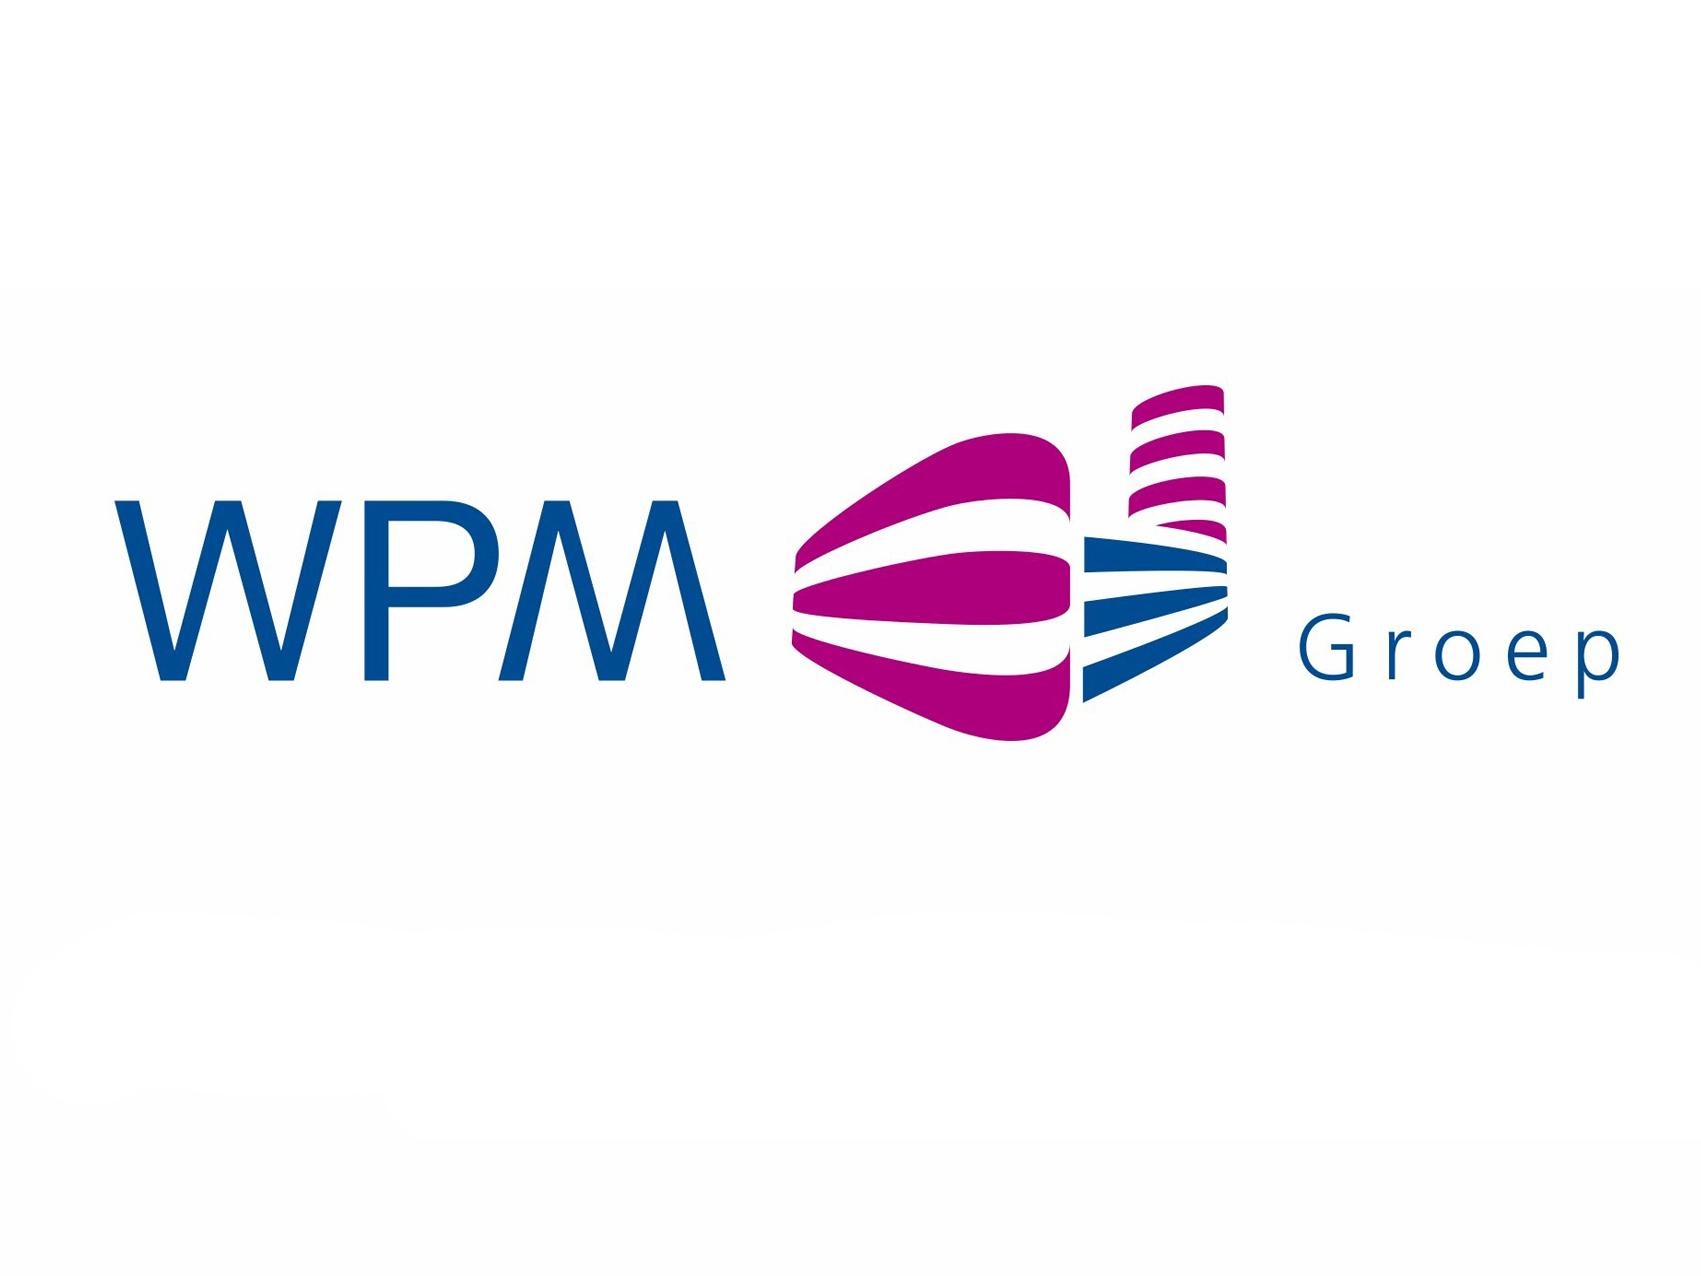 WPM Groep